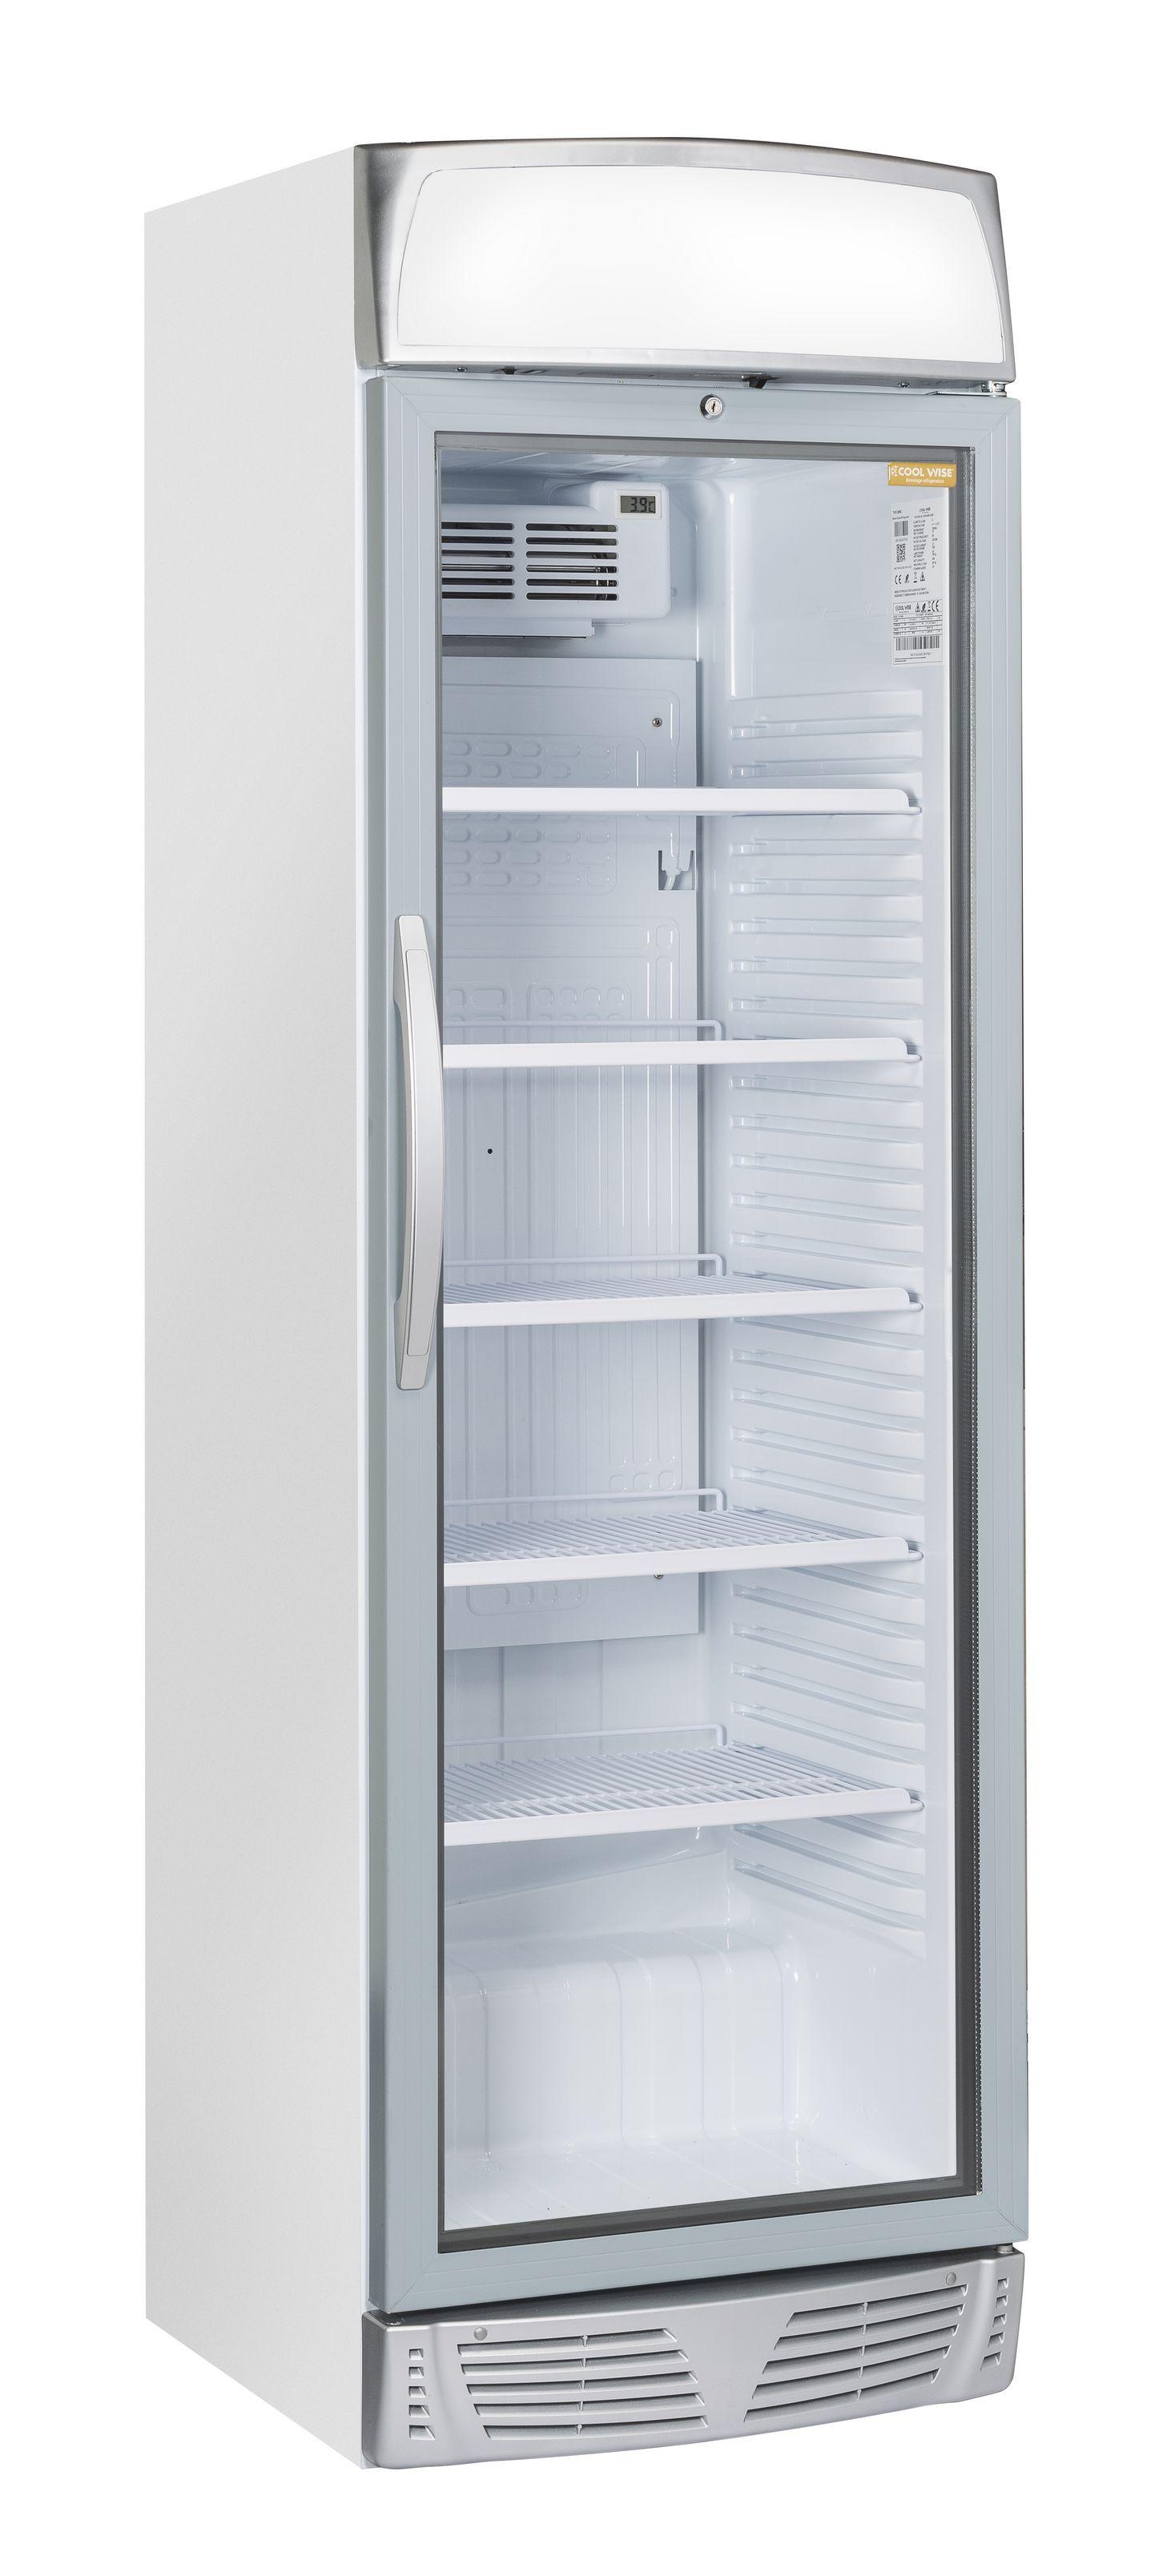 351 literes hűtő, ventilációs hűtéssel, üveg ajtóval, világító reklámpanellel, fehér